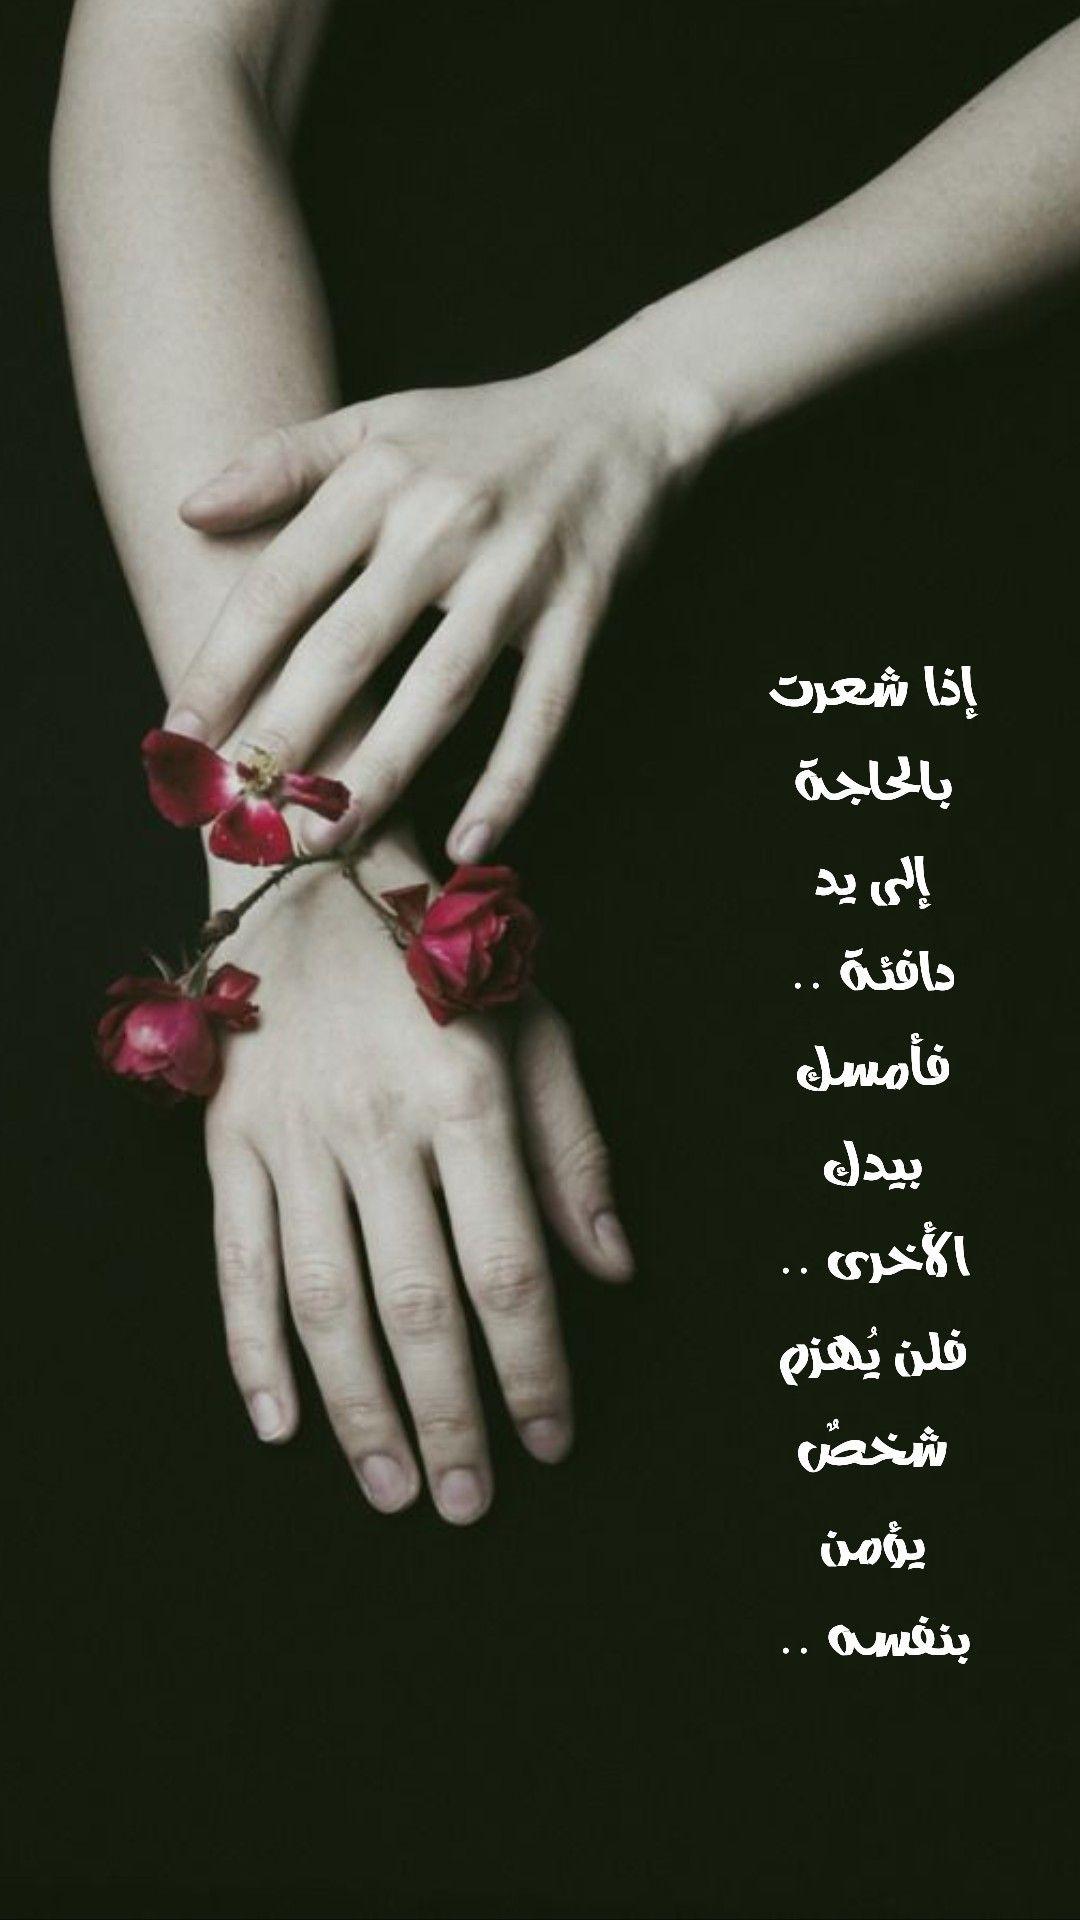 إذا شعرت بالحاجة إلى يد دافئة فأمسك بيدك الأخرى فلن ي هزم شخص يؤمن بنفسه Holding Hands Hands